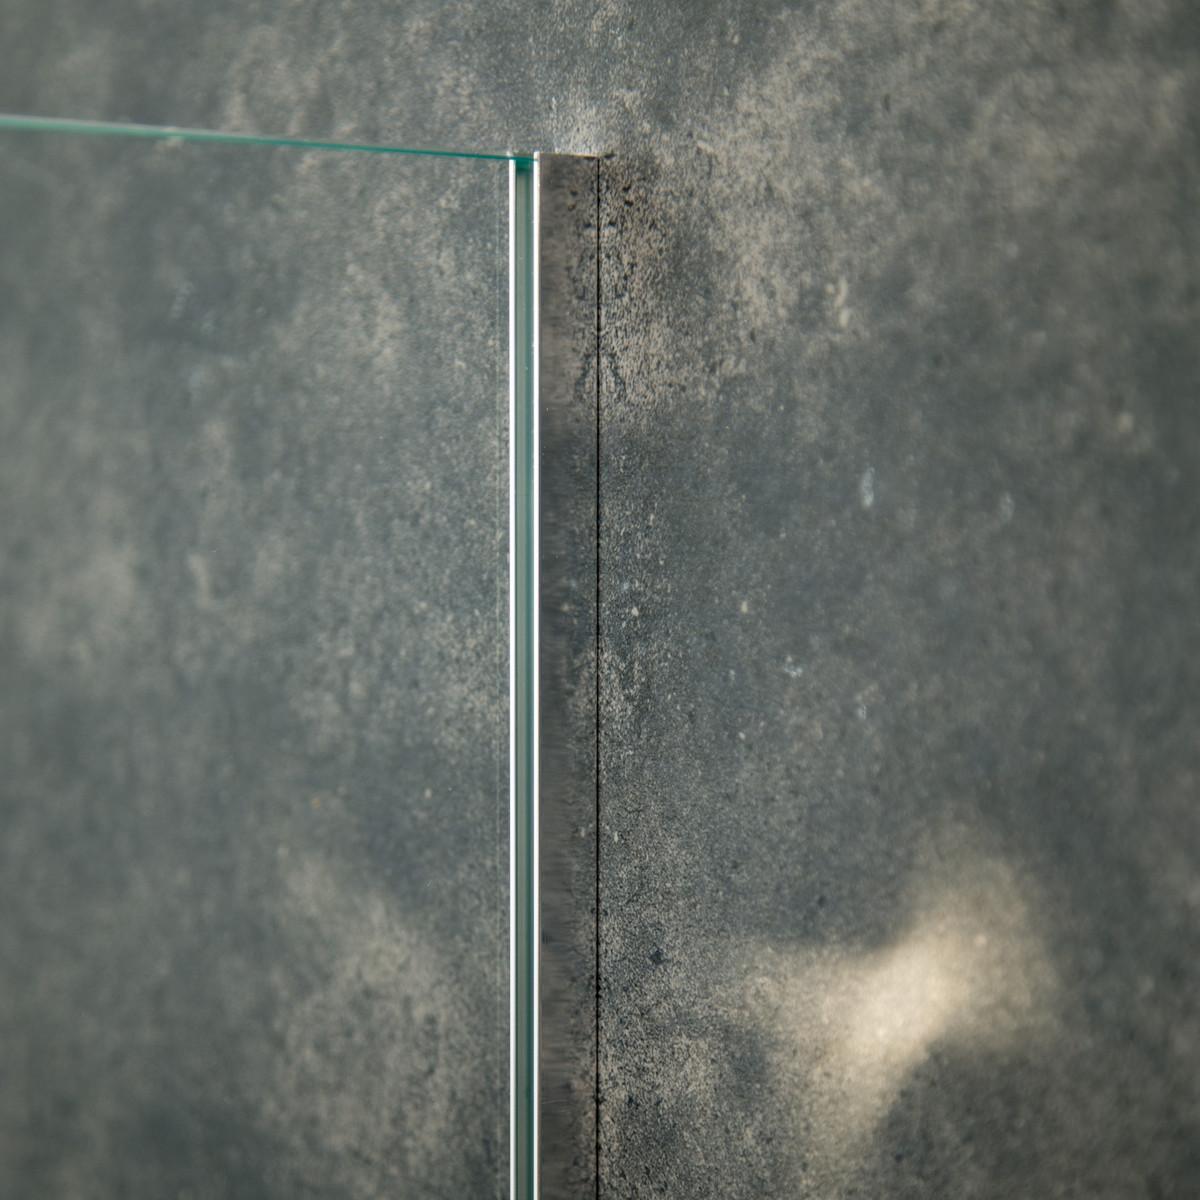 Aluminium U-Wandprofil, 2010 x 20 x 17 x 20 x 1,5mm, Chrom/VA/Matt